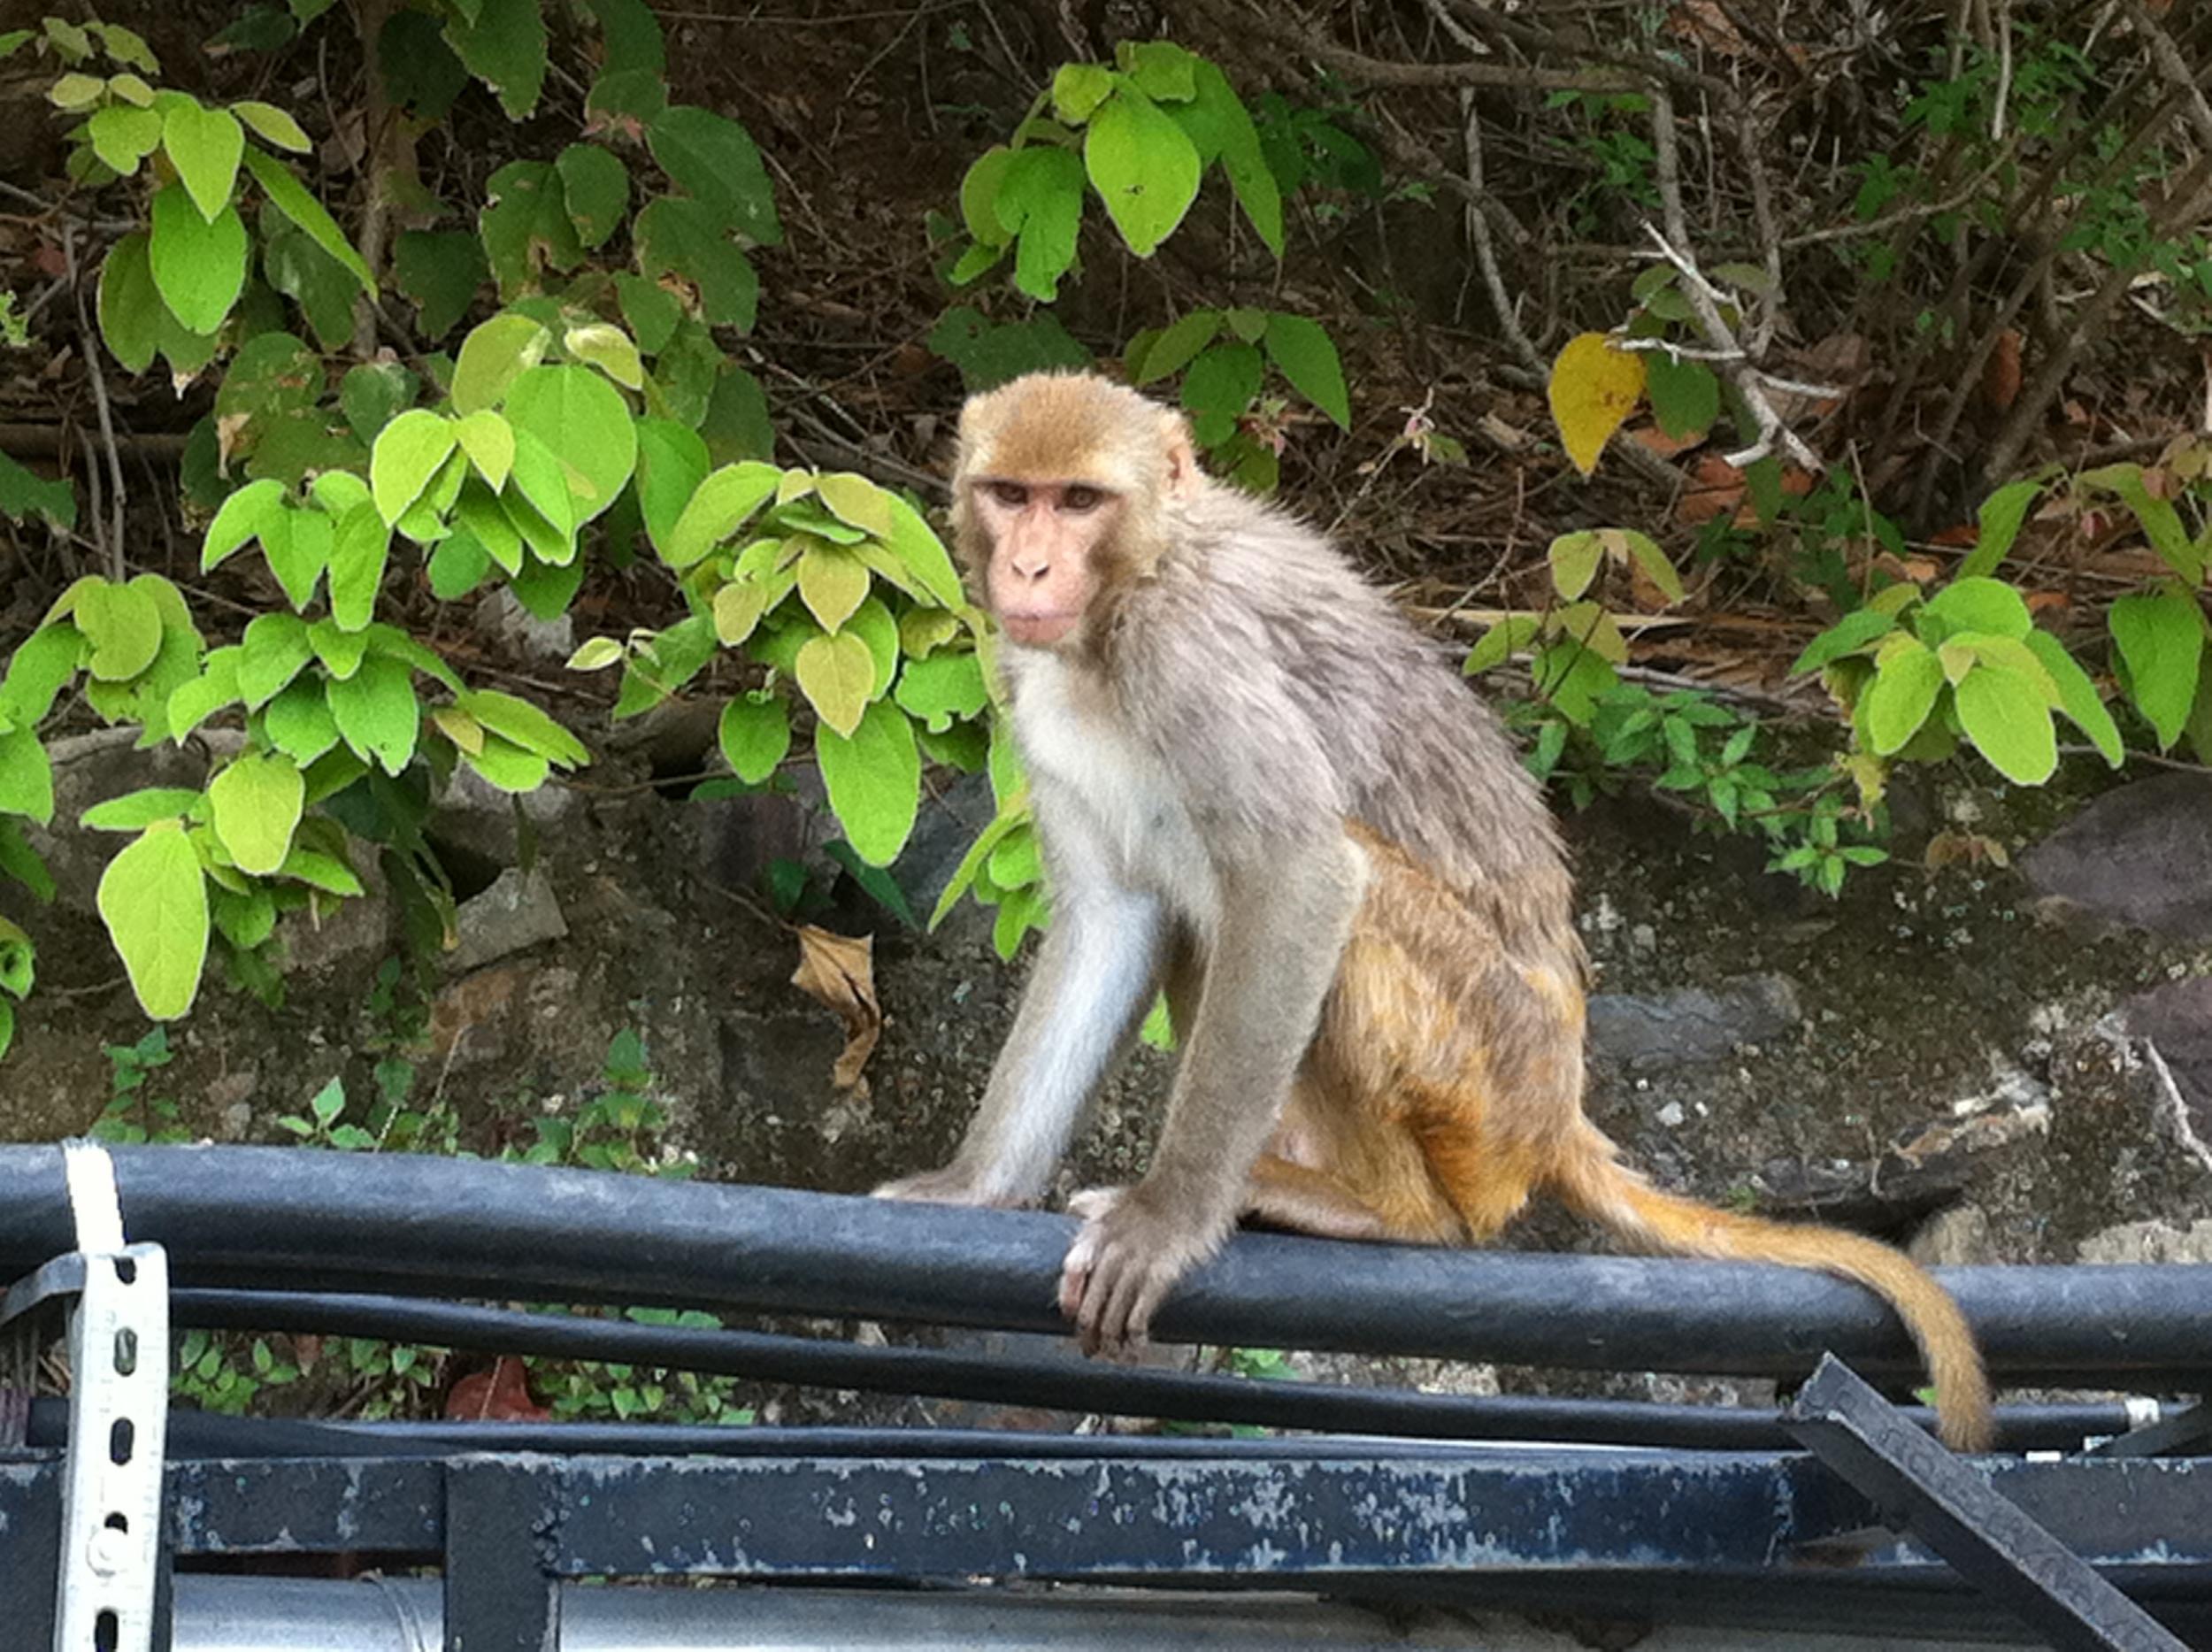 I see you, monkey.